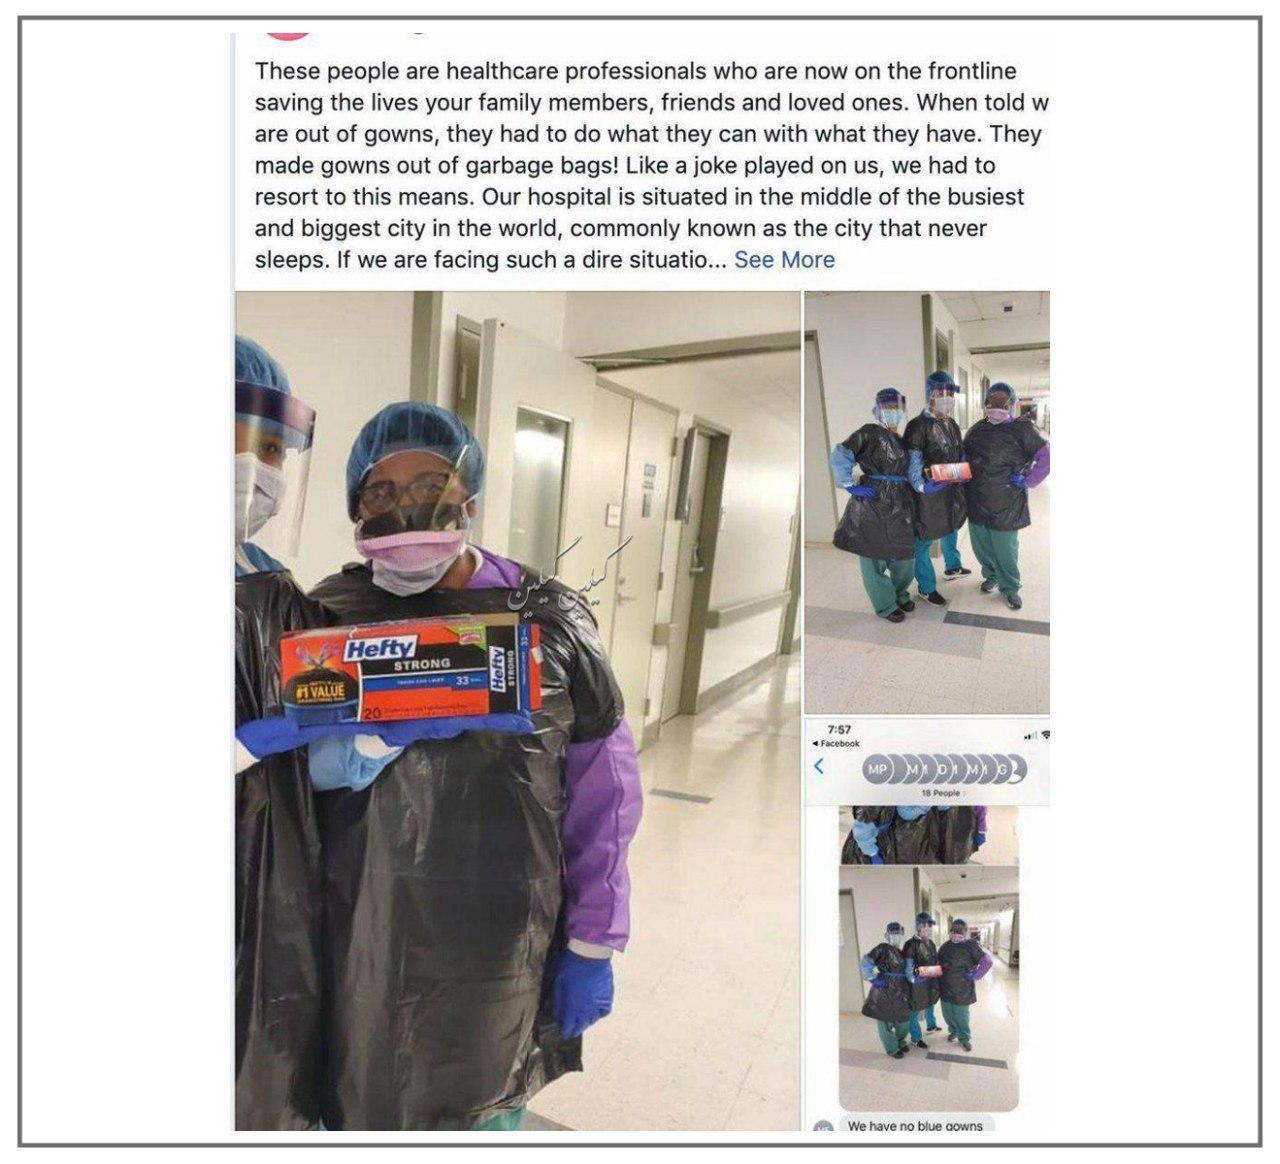 تصویری که امروز در نیویورک صدا کرد